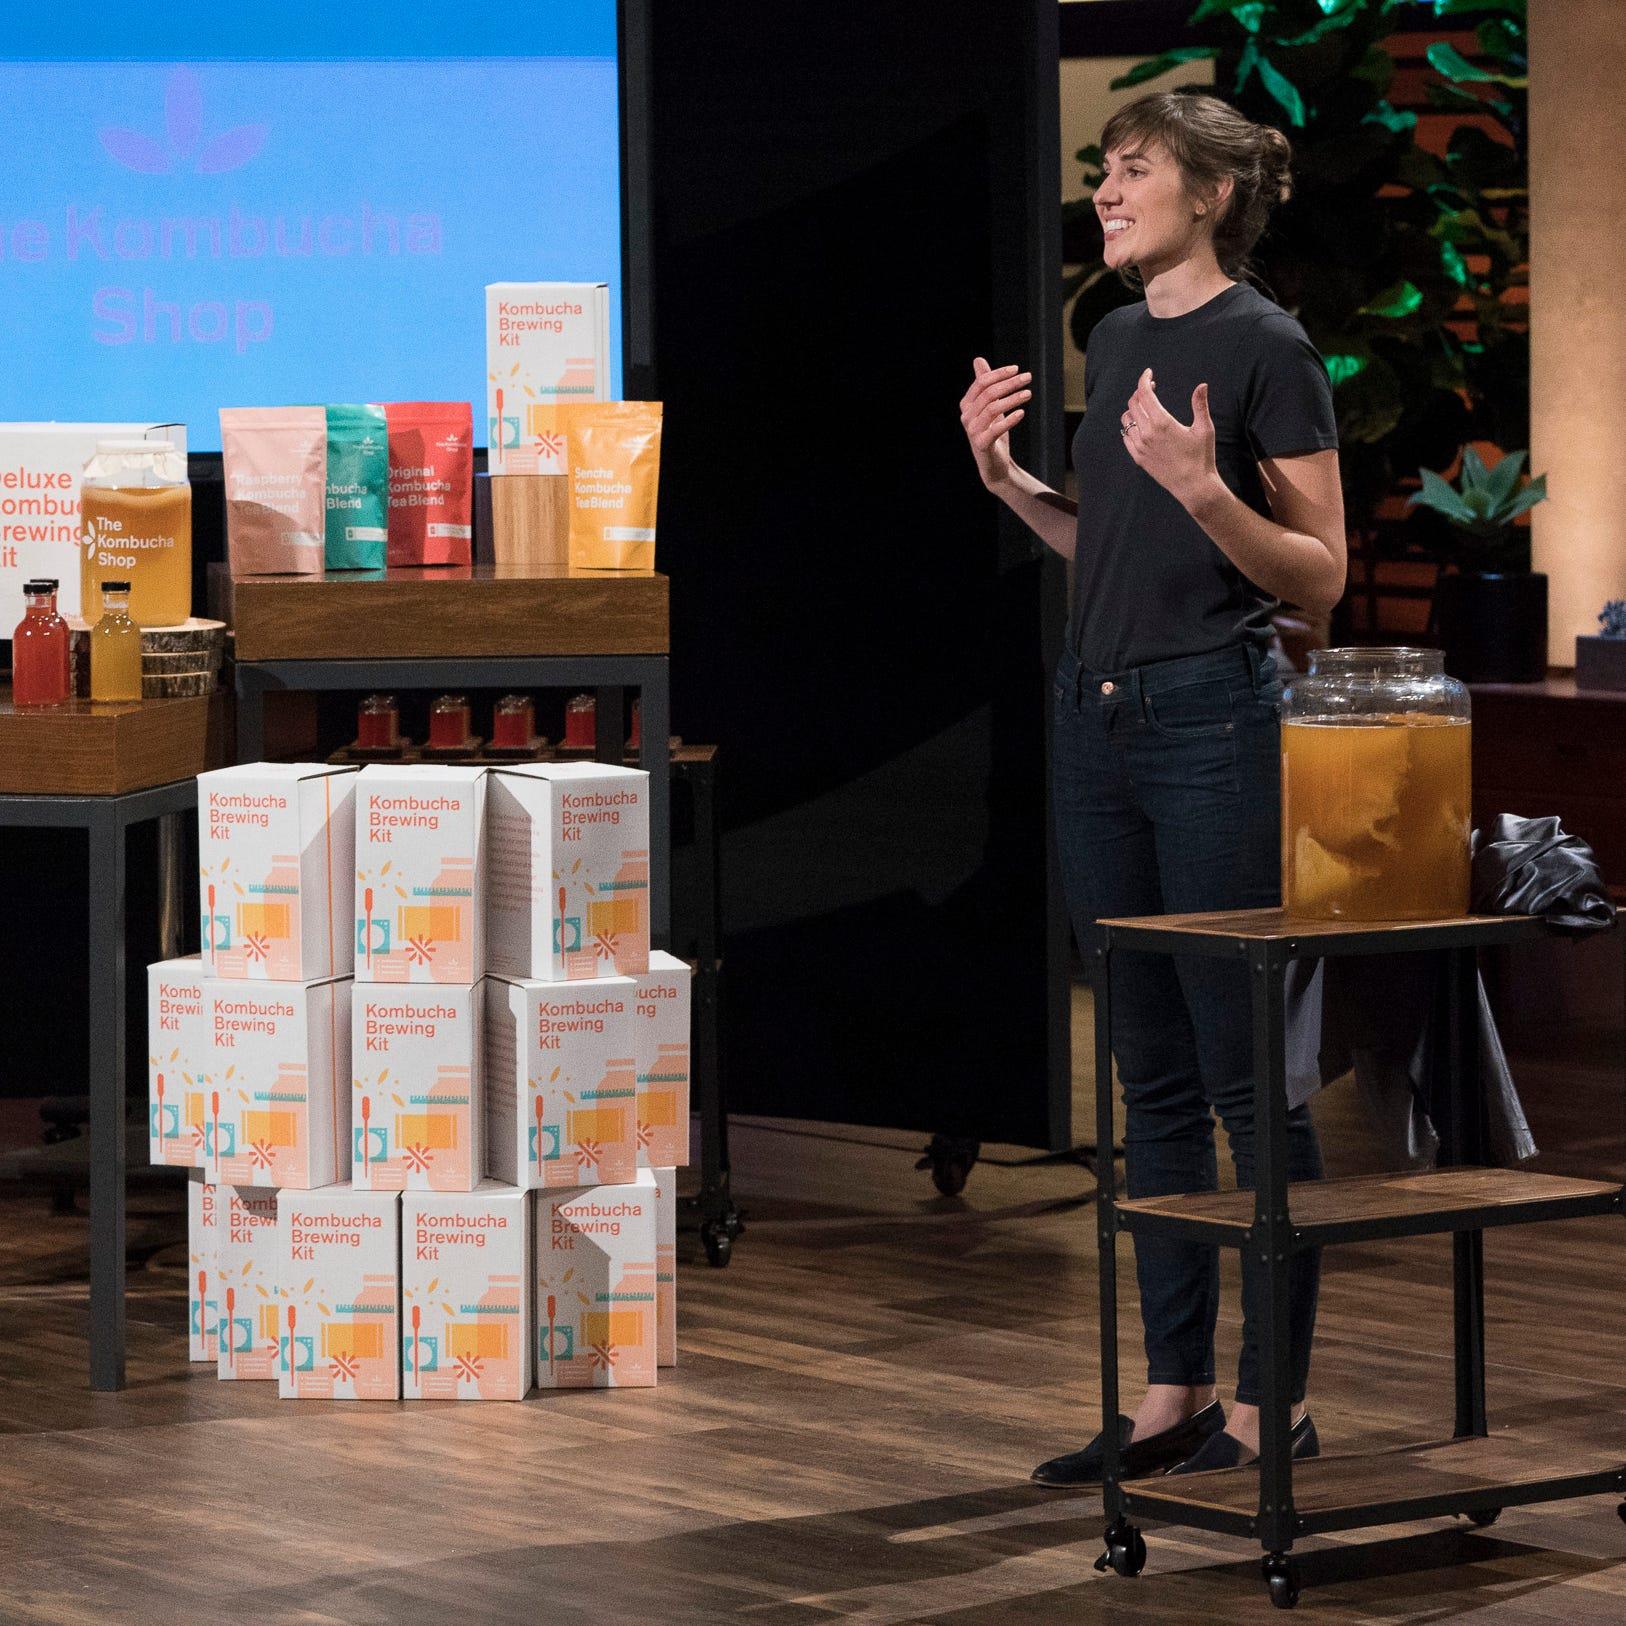 Madison entrepreneur pitches The Kombucha Shop on 'Shark Tank' Sunday